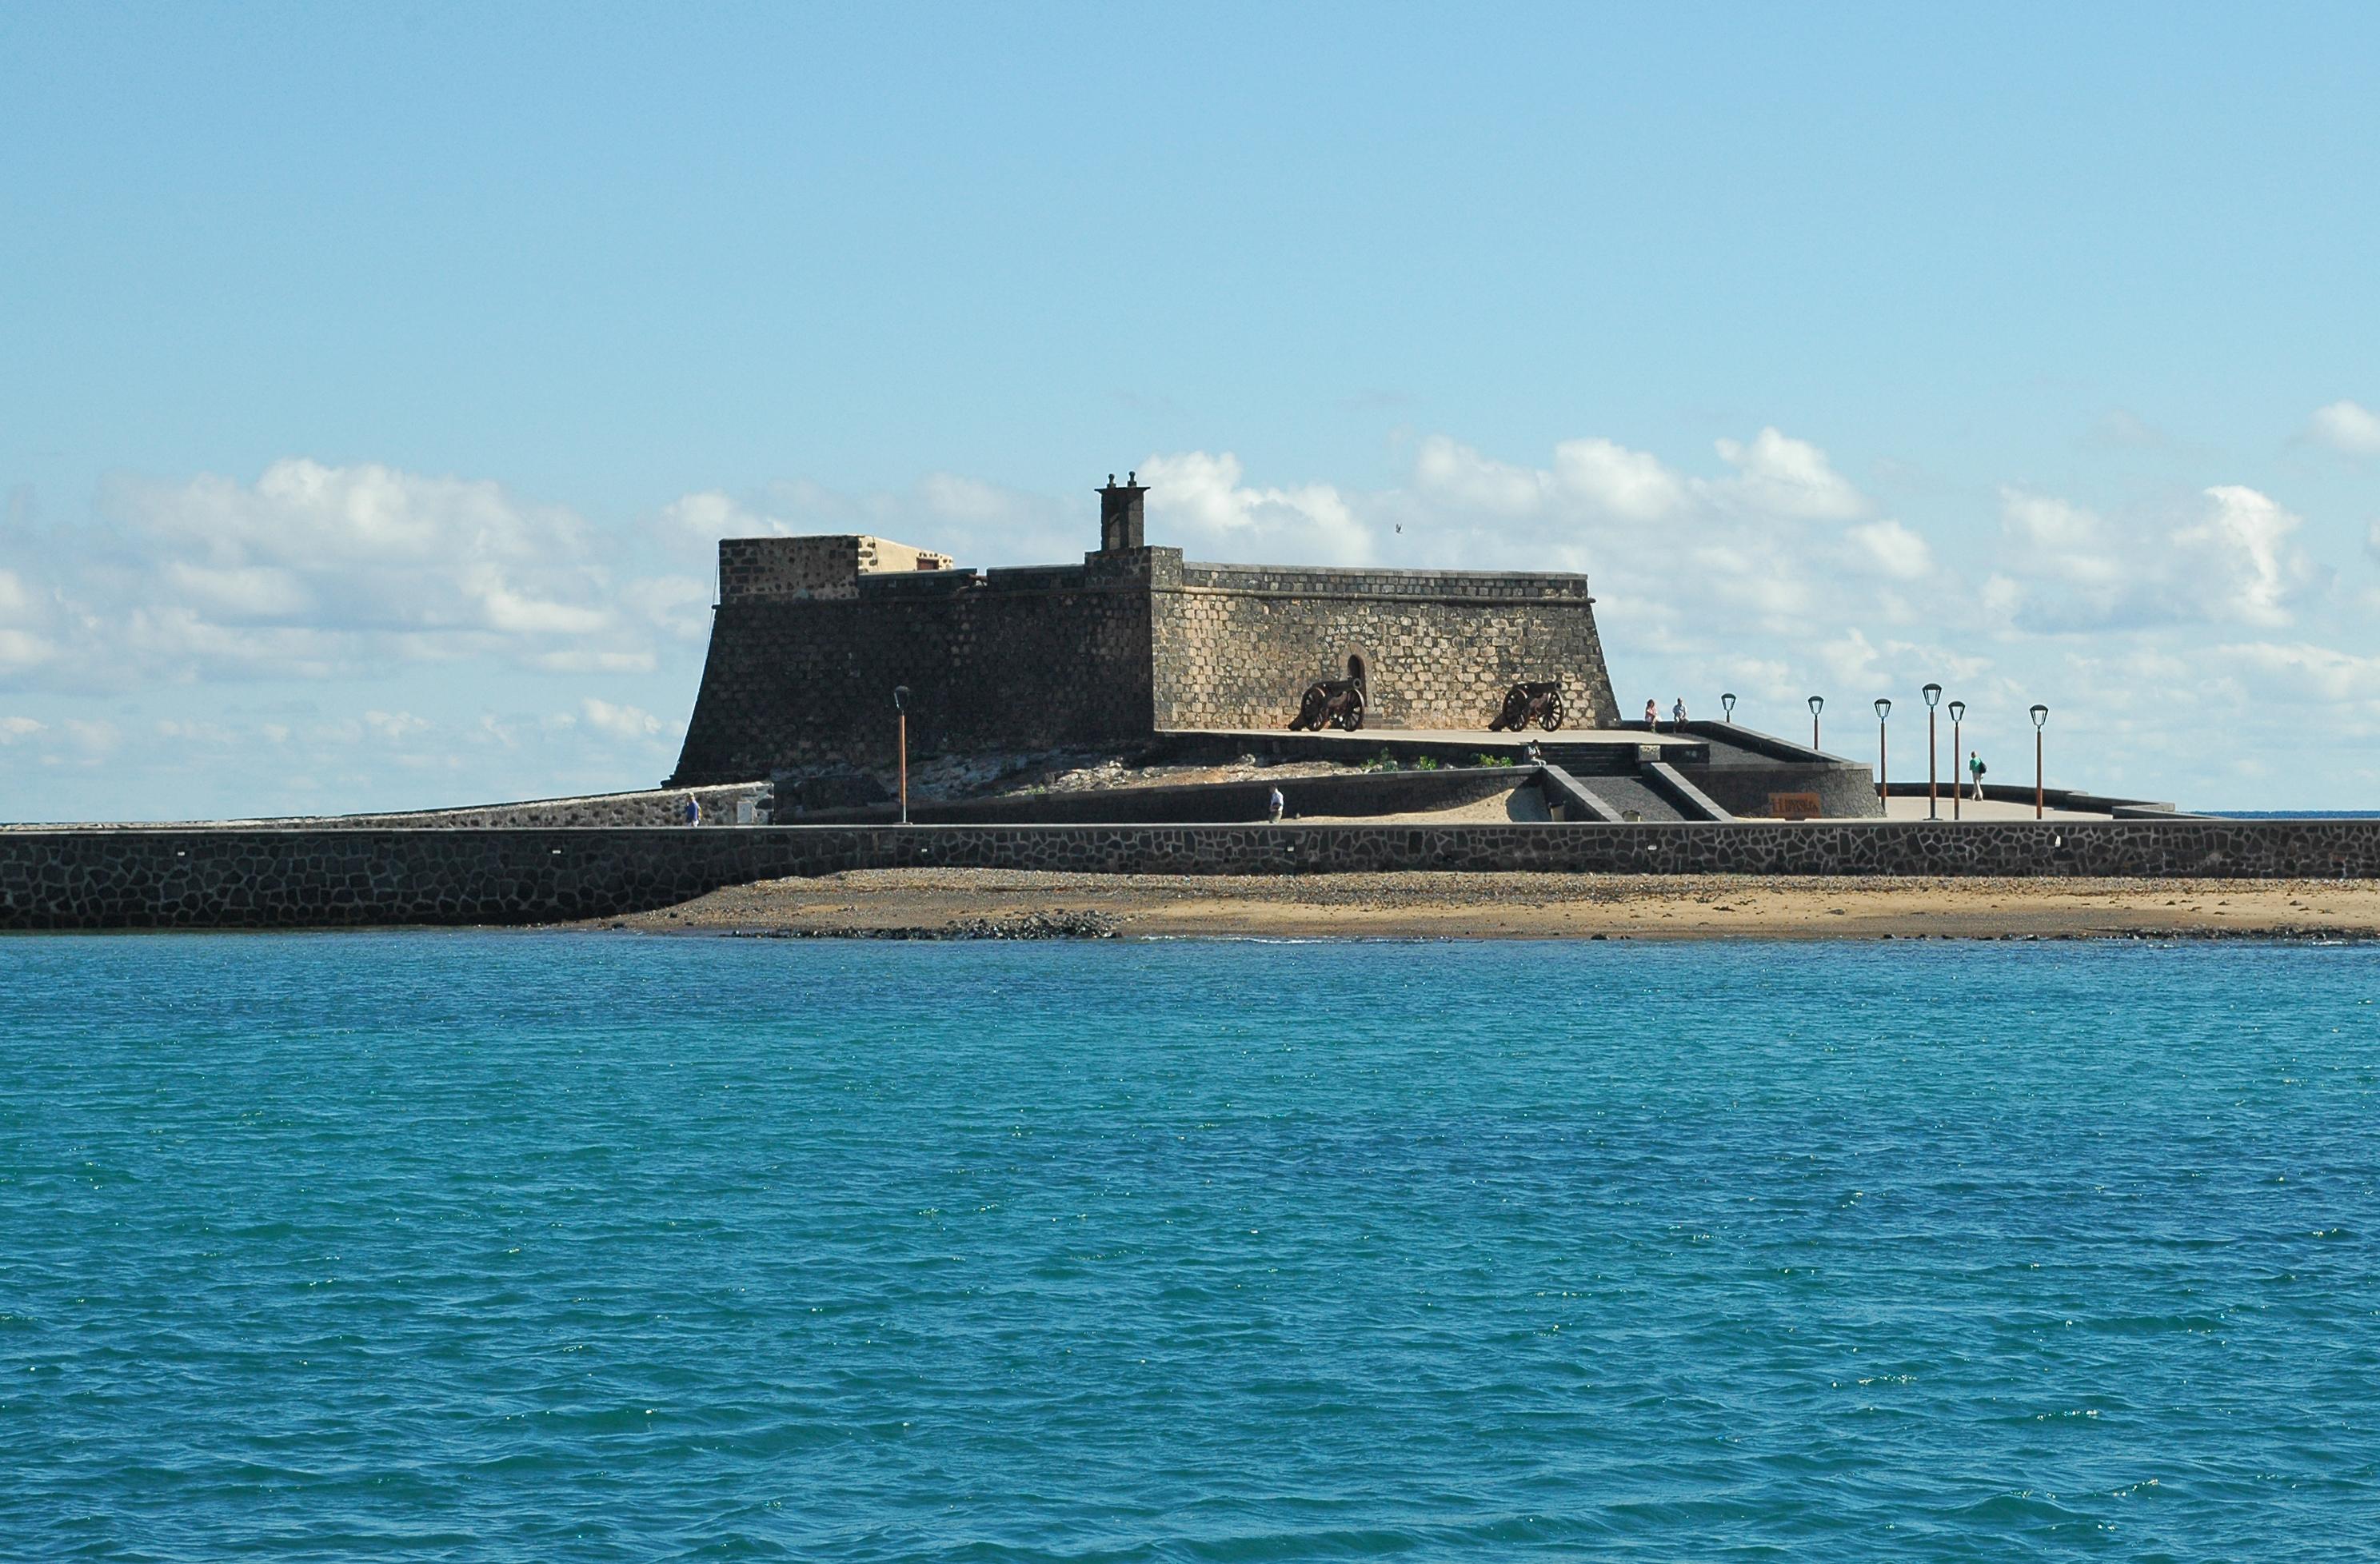 The city of Arrecife in Lanzarote.